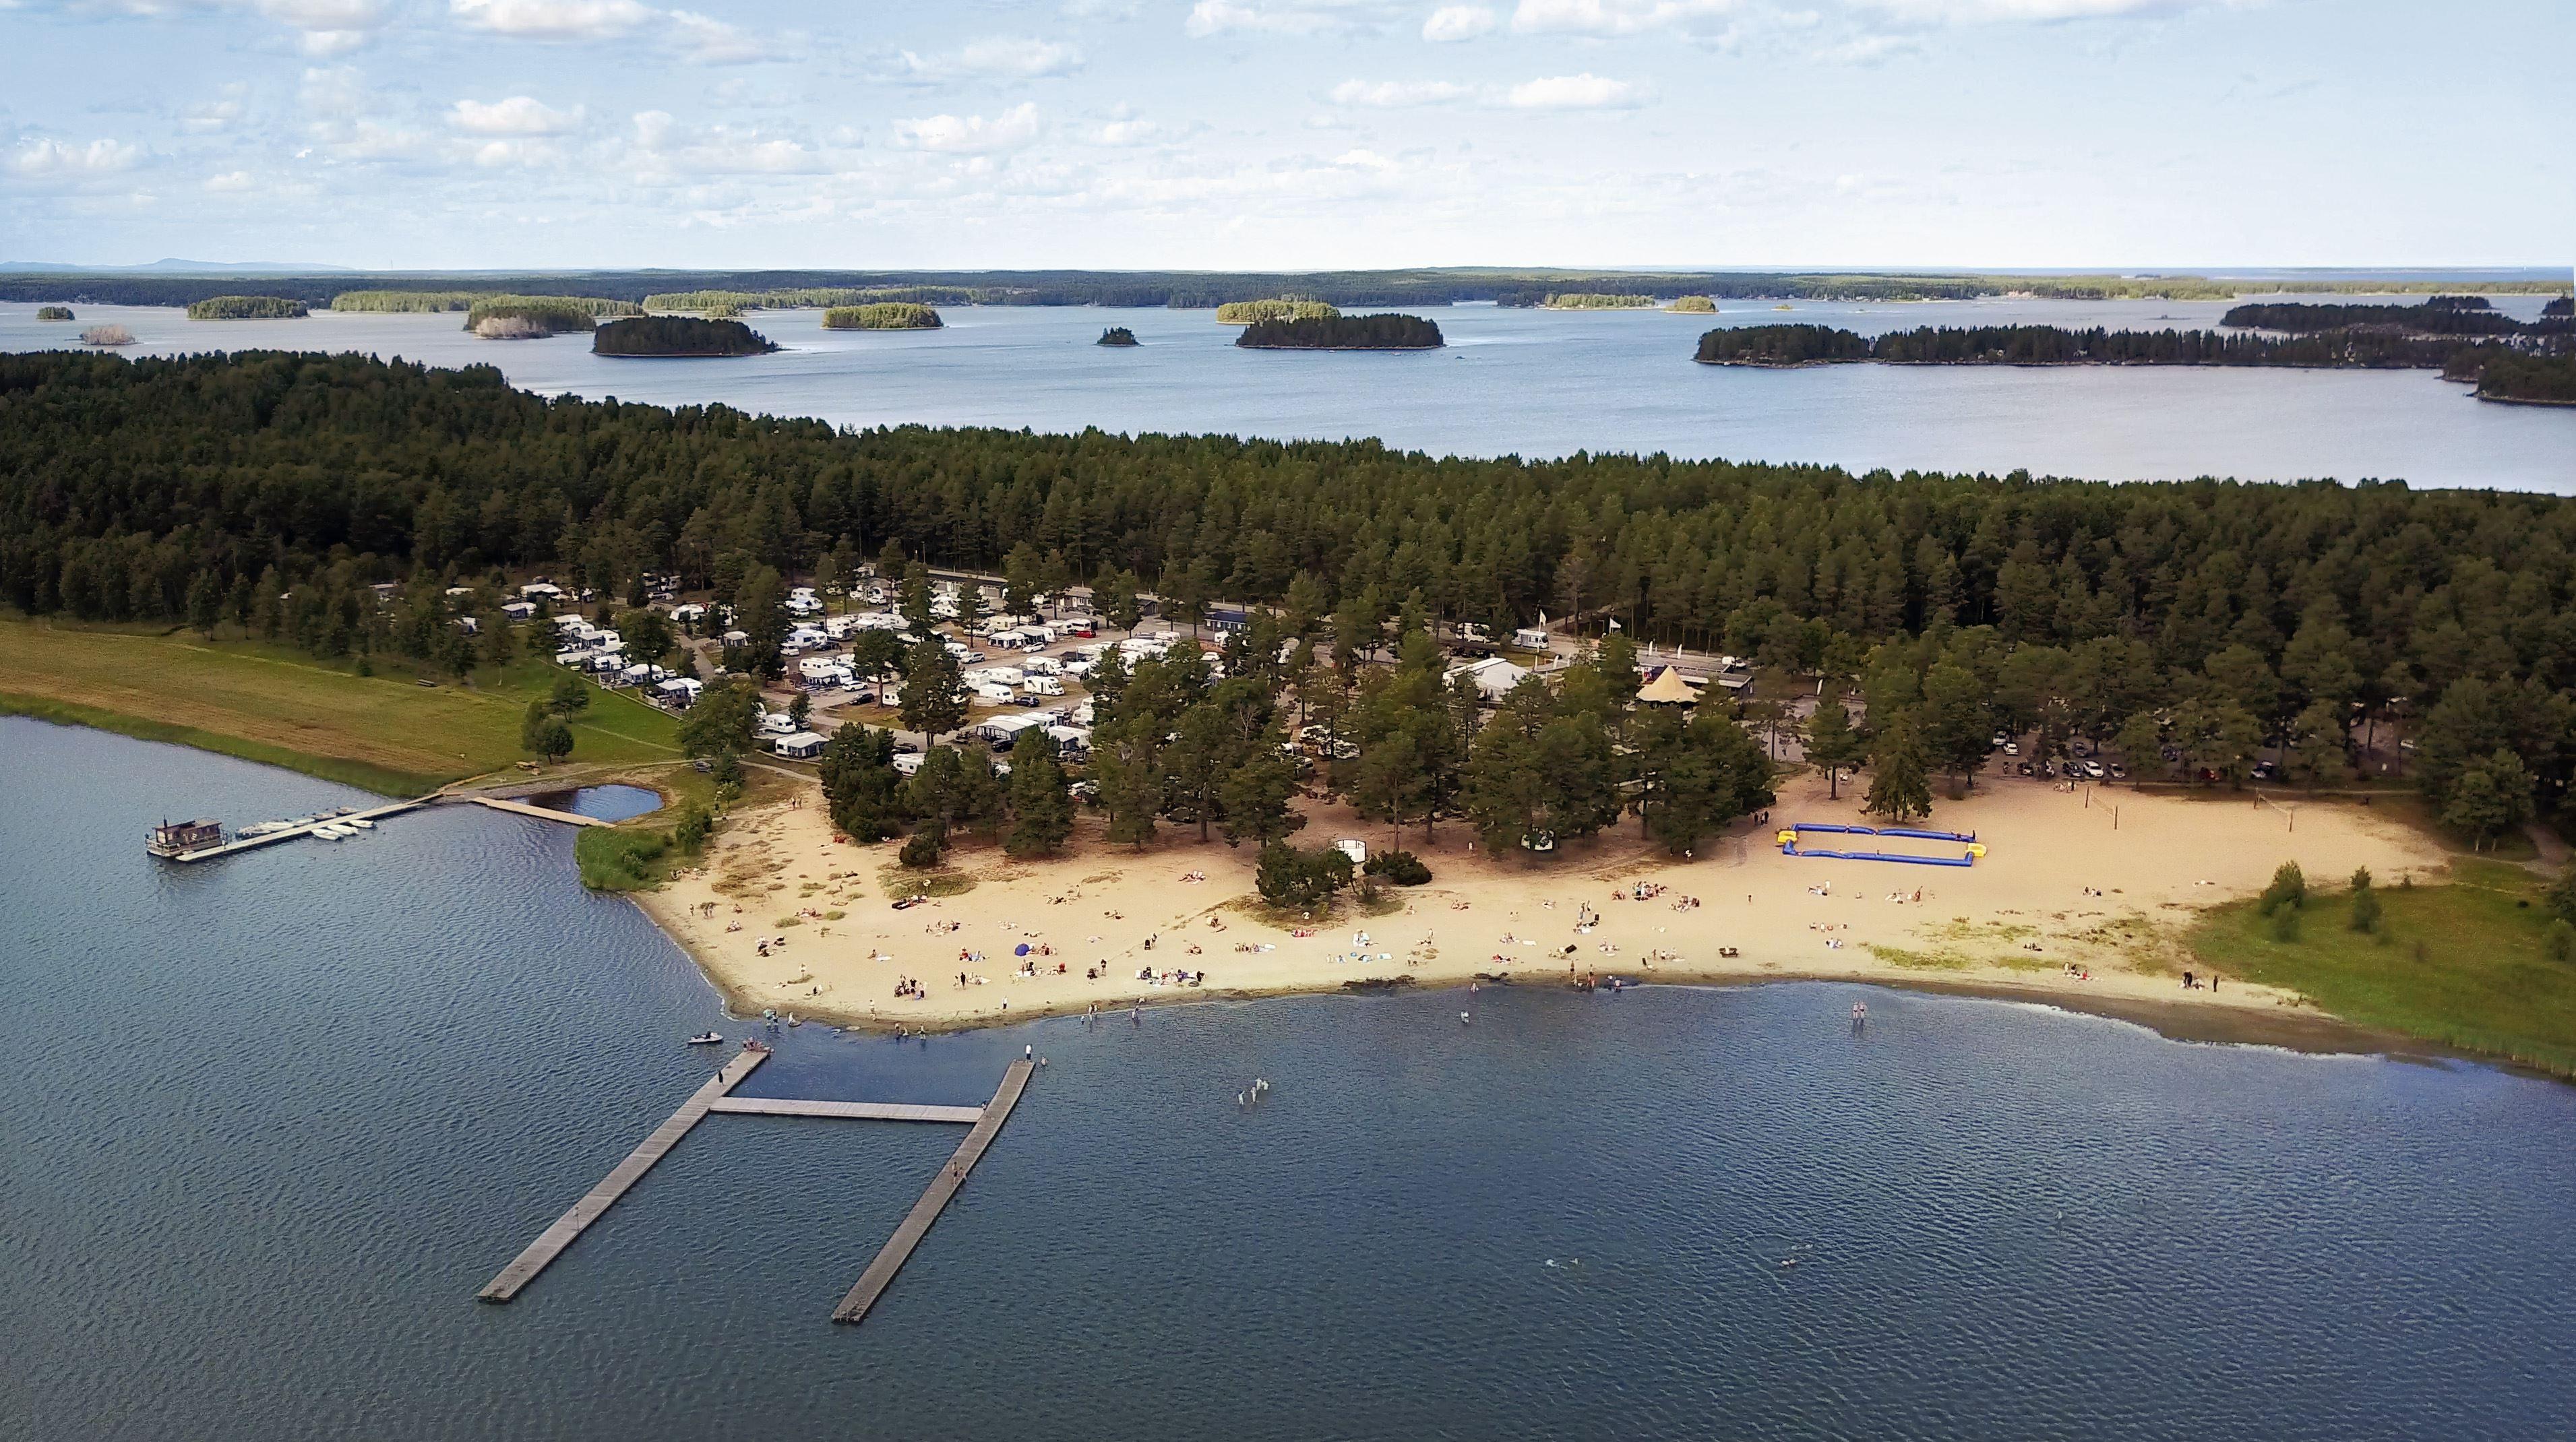 Stenö Havsbad & Camping/Camping